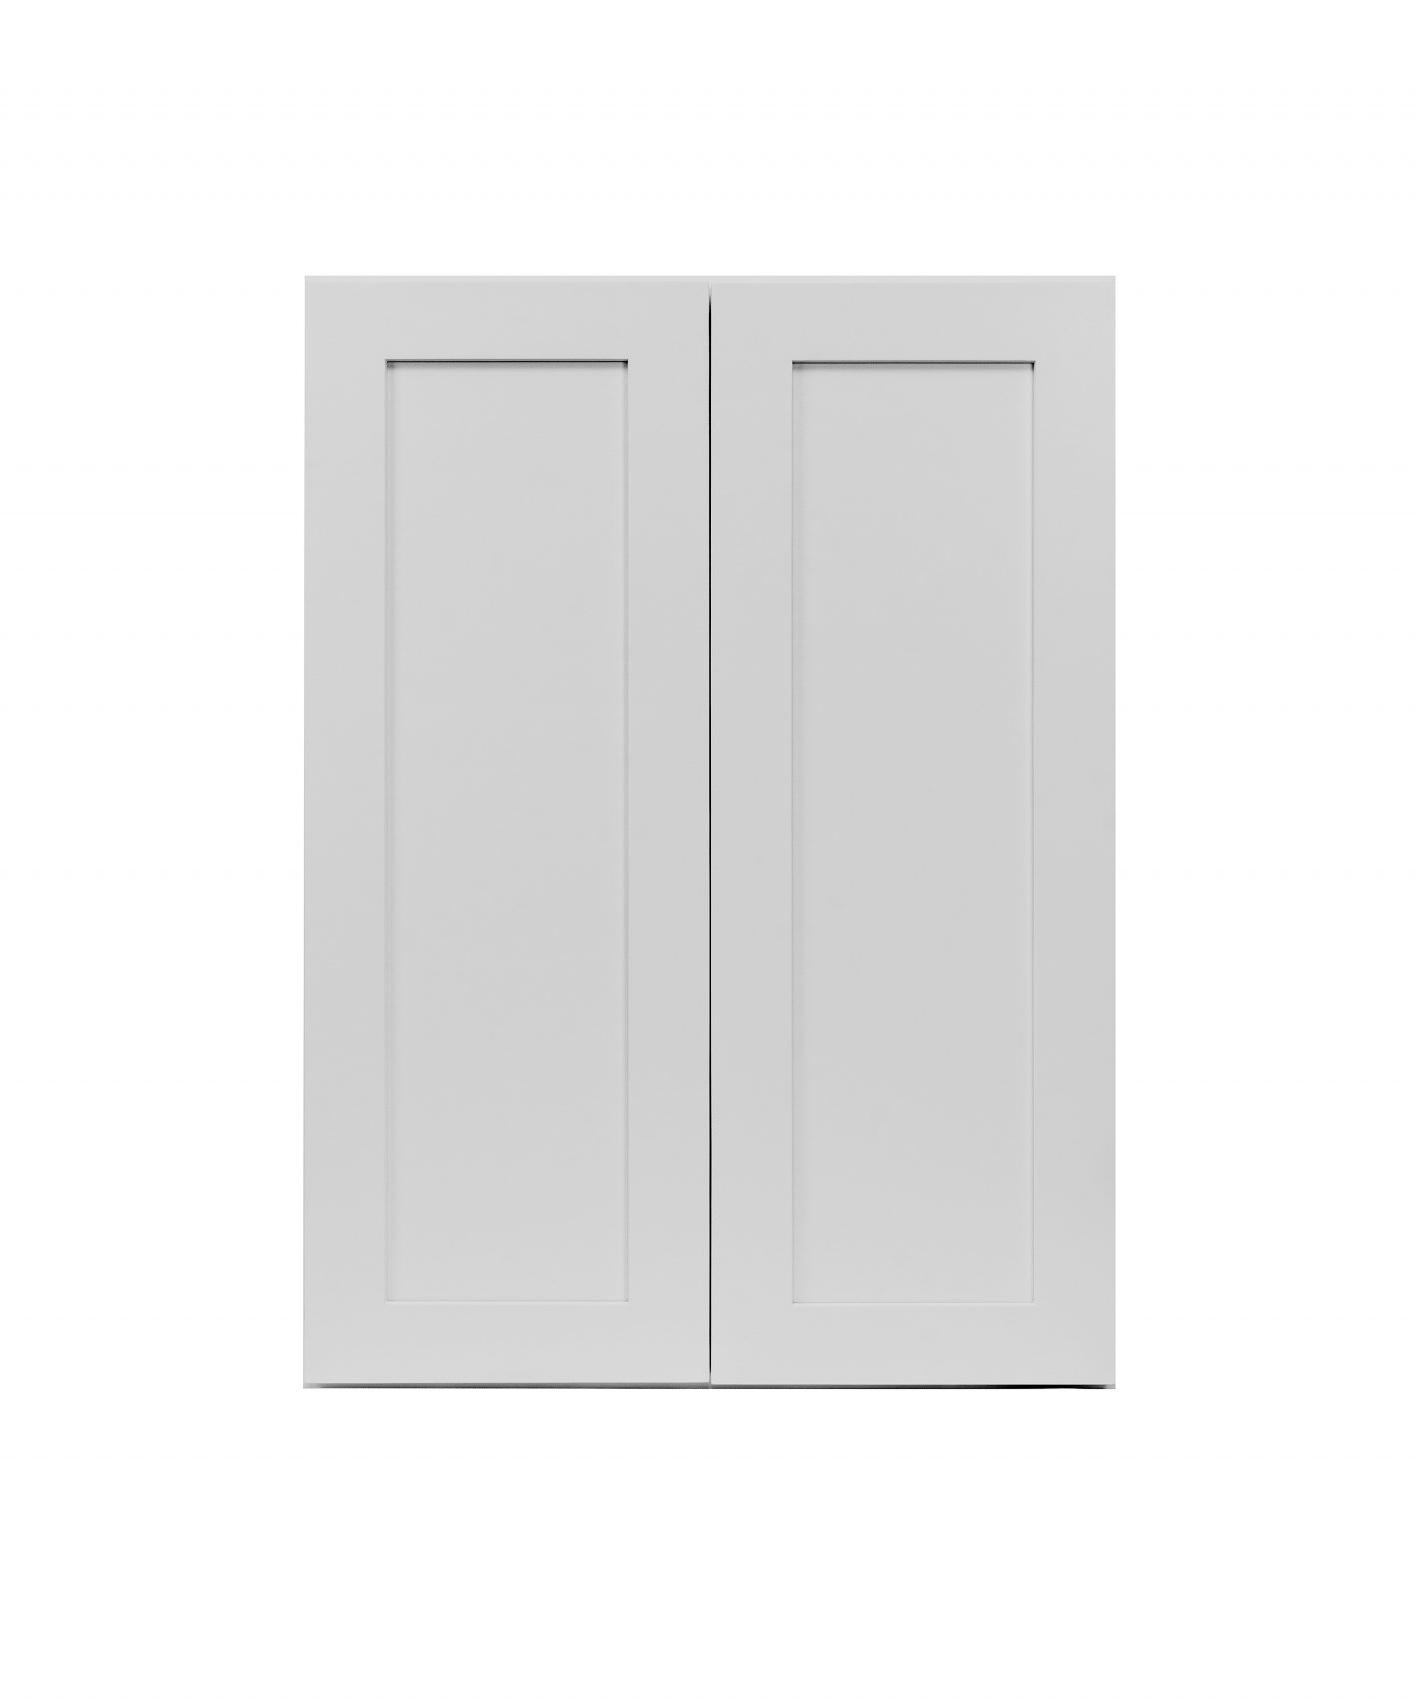 Gray Shaker Cabinetry W24, W27, W30, W33, W36